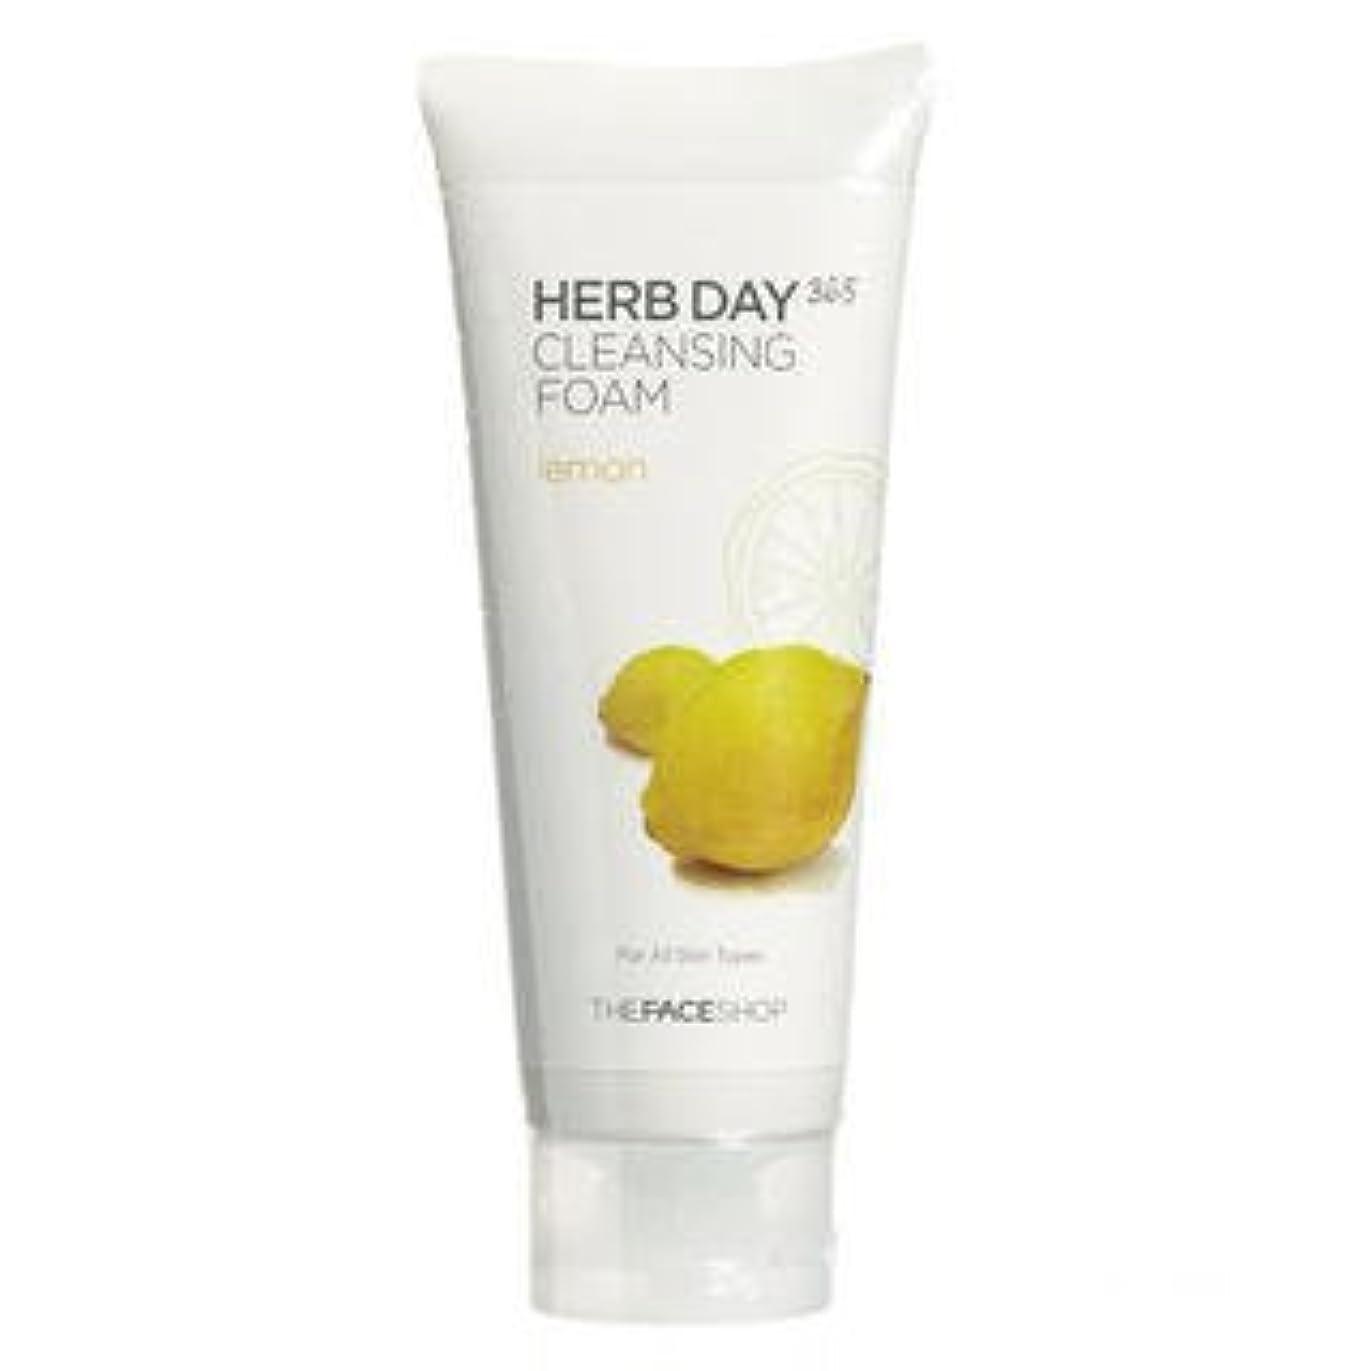 印象的自動車好奇心The Face Shop - Herb Day Cleansing Cleansing Foam (Lemon)170ml /Made in Korea